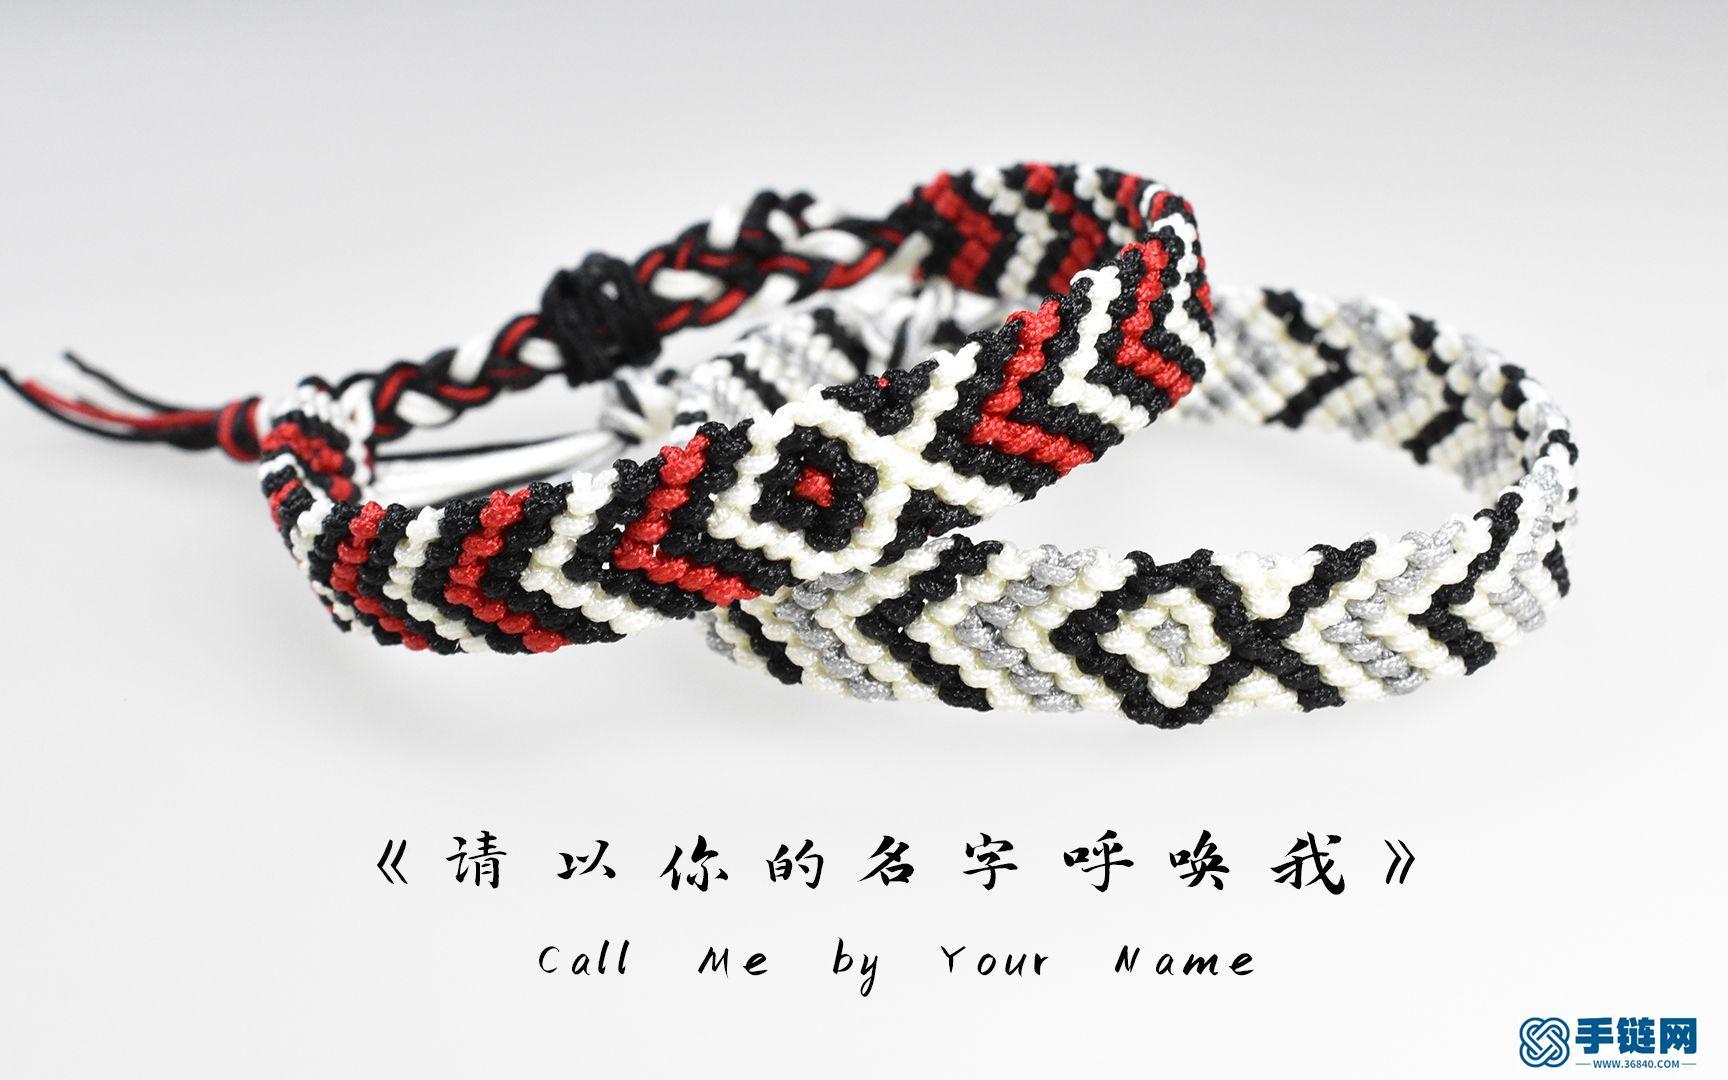 手工编绳elio甜茶同款手绳diy编织教程  Call Me By Your Name 请以你的名字呼唤我 (反斜卷结+三股辫 玉线版教程)